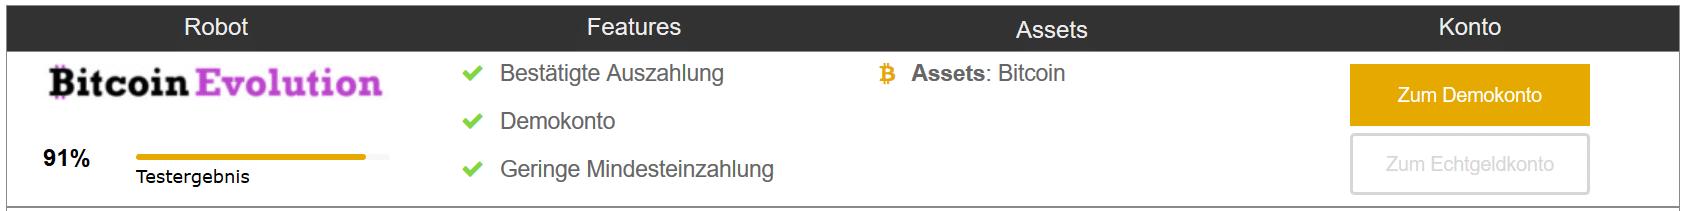 BitcoinEvolution Testergebnis - 91% im Test - Features: Bestätigte Auszahlung, Demokonto, Geringe Mindesteinzahlung - Assets: Bitcoin